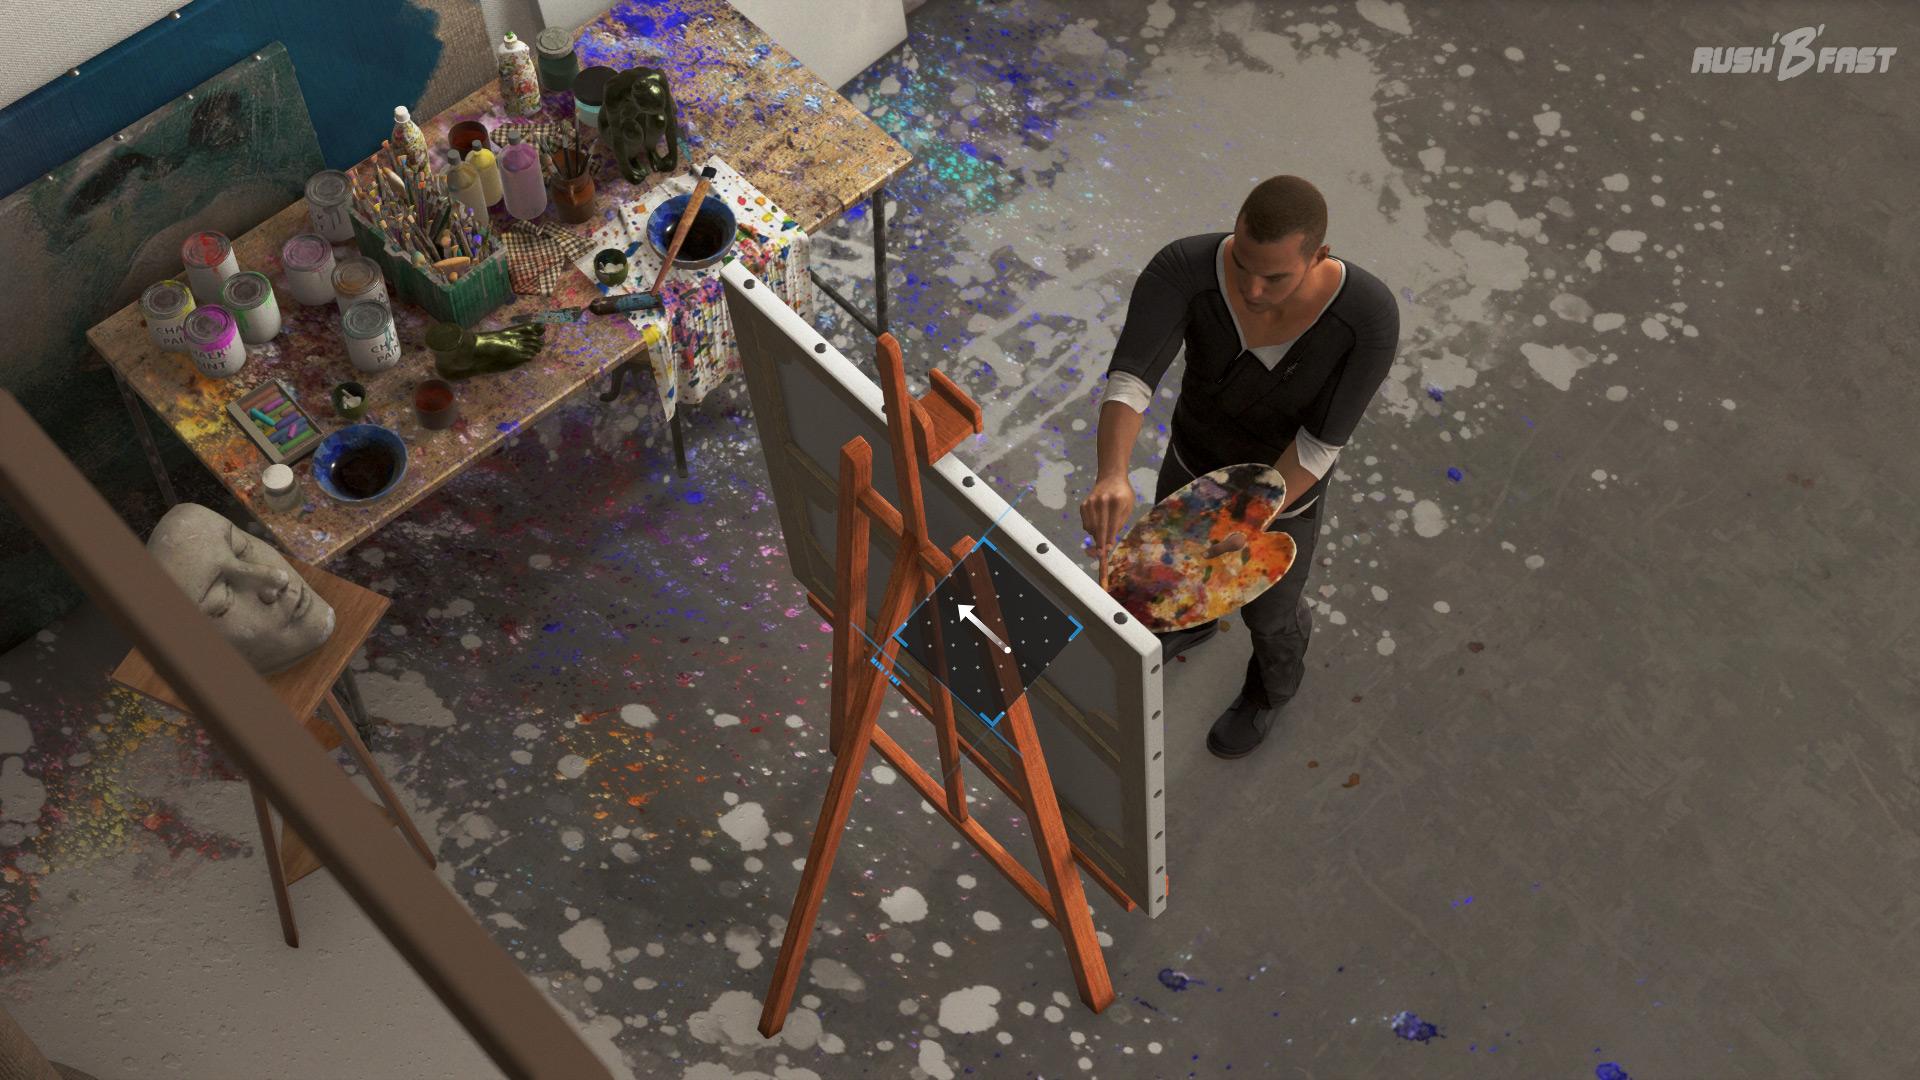 Detroit: Become Human - Auf Wunsch von Carl versucht Markus ein Bild zu malen.